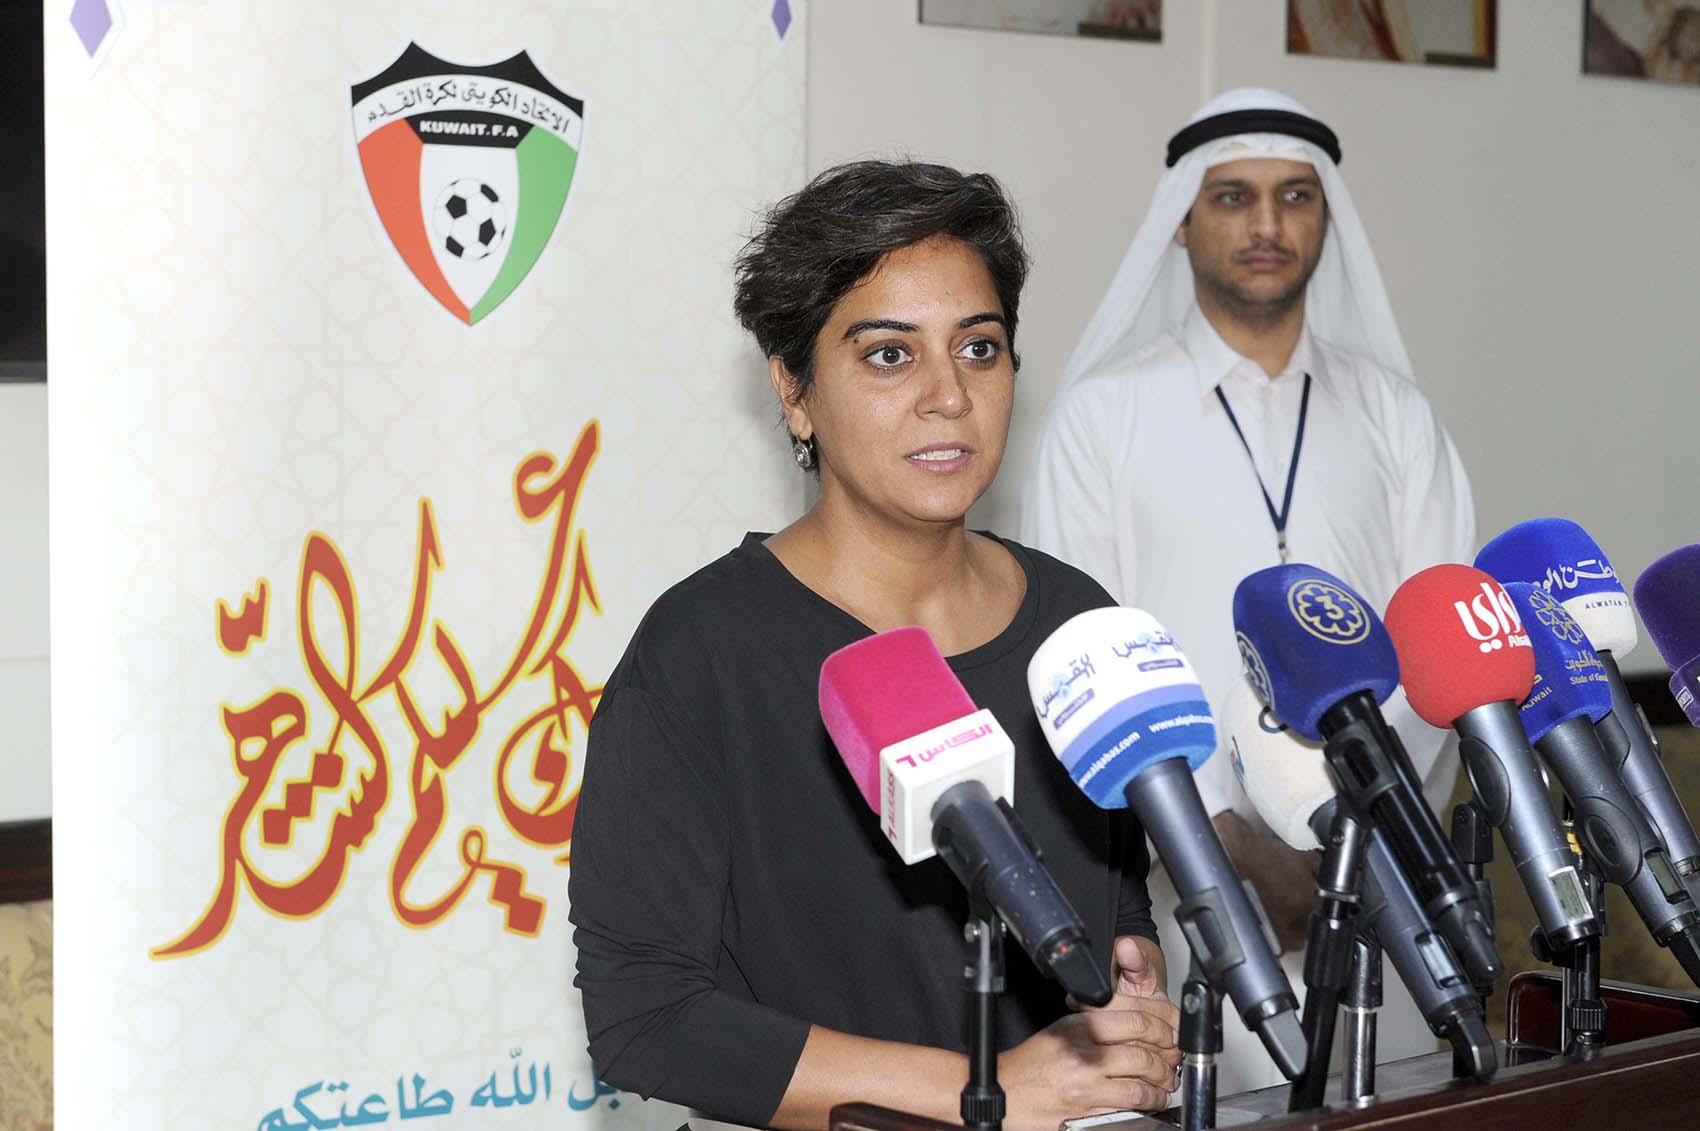 حيات-تكشف-أسباب-استقالتها-من-الاتحاد-الكويتي